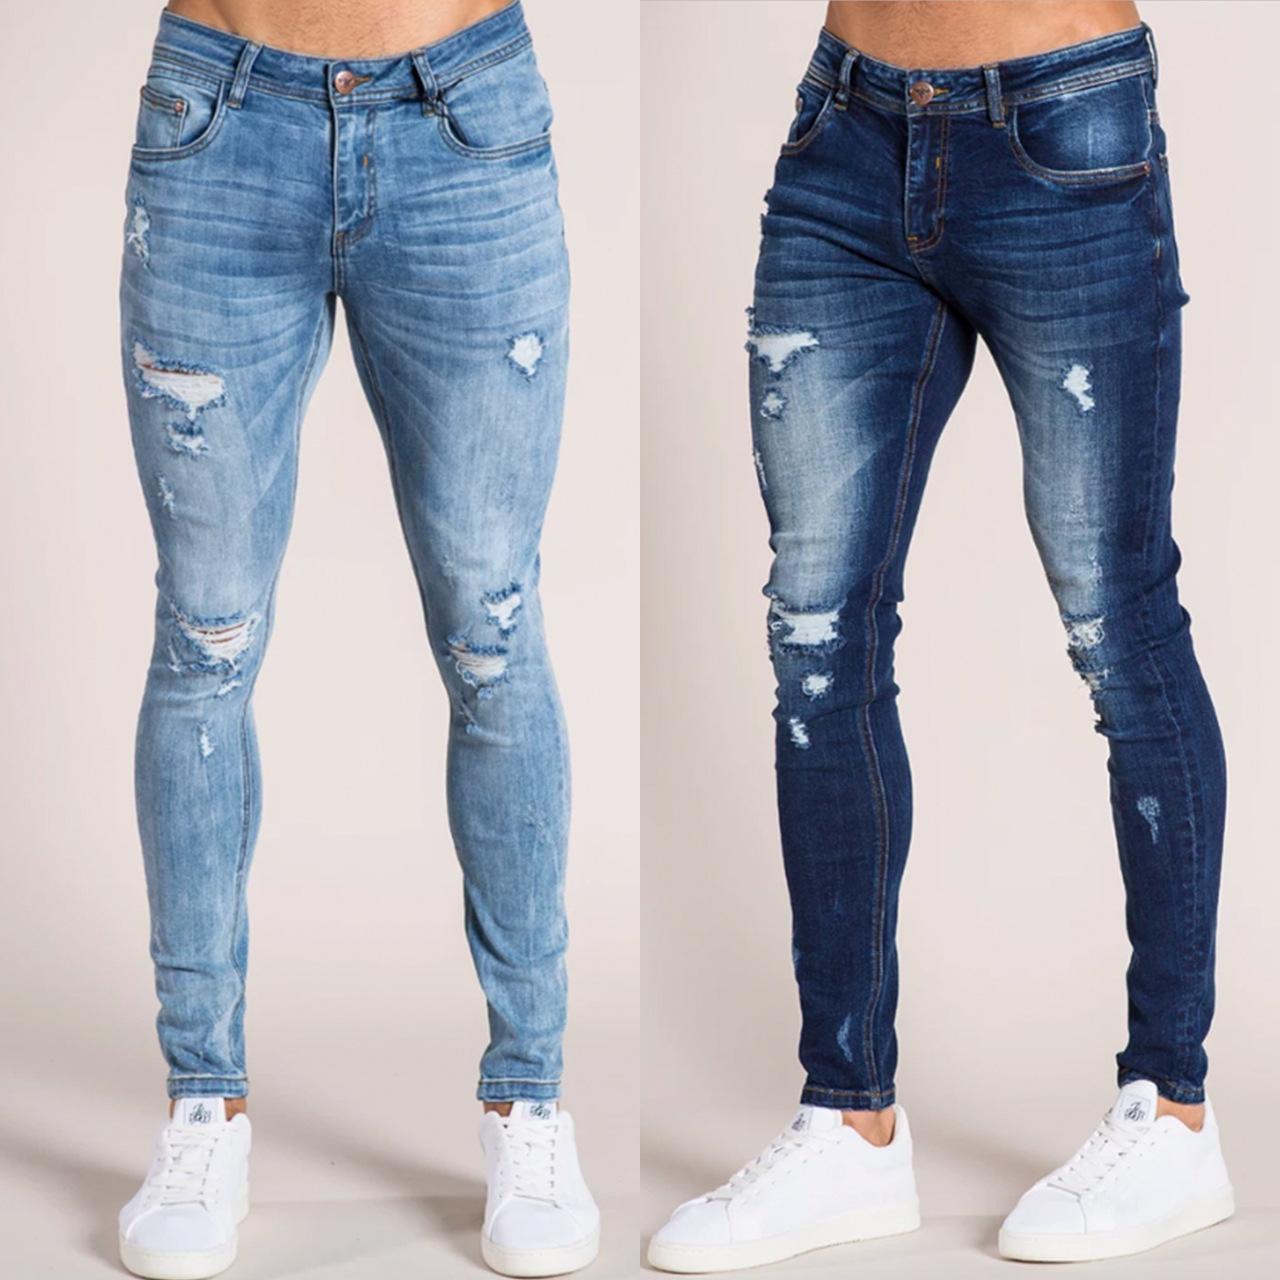 مدينة مؤلف موسيقى يقتل Jeans Super Skinny Hombre Rotos Analogdevelopment Com